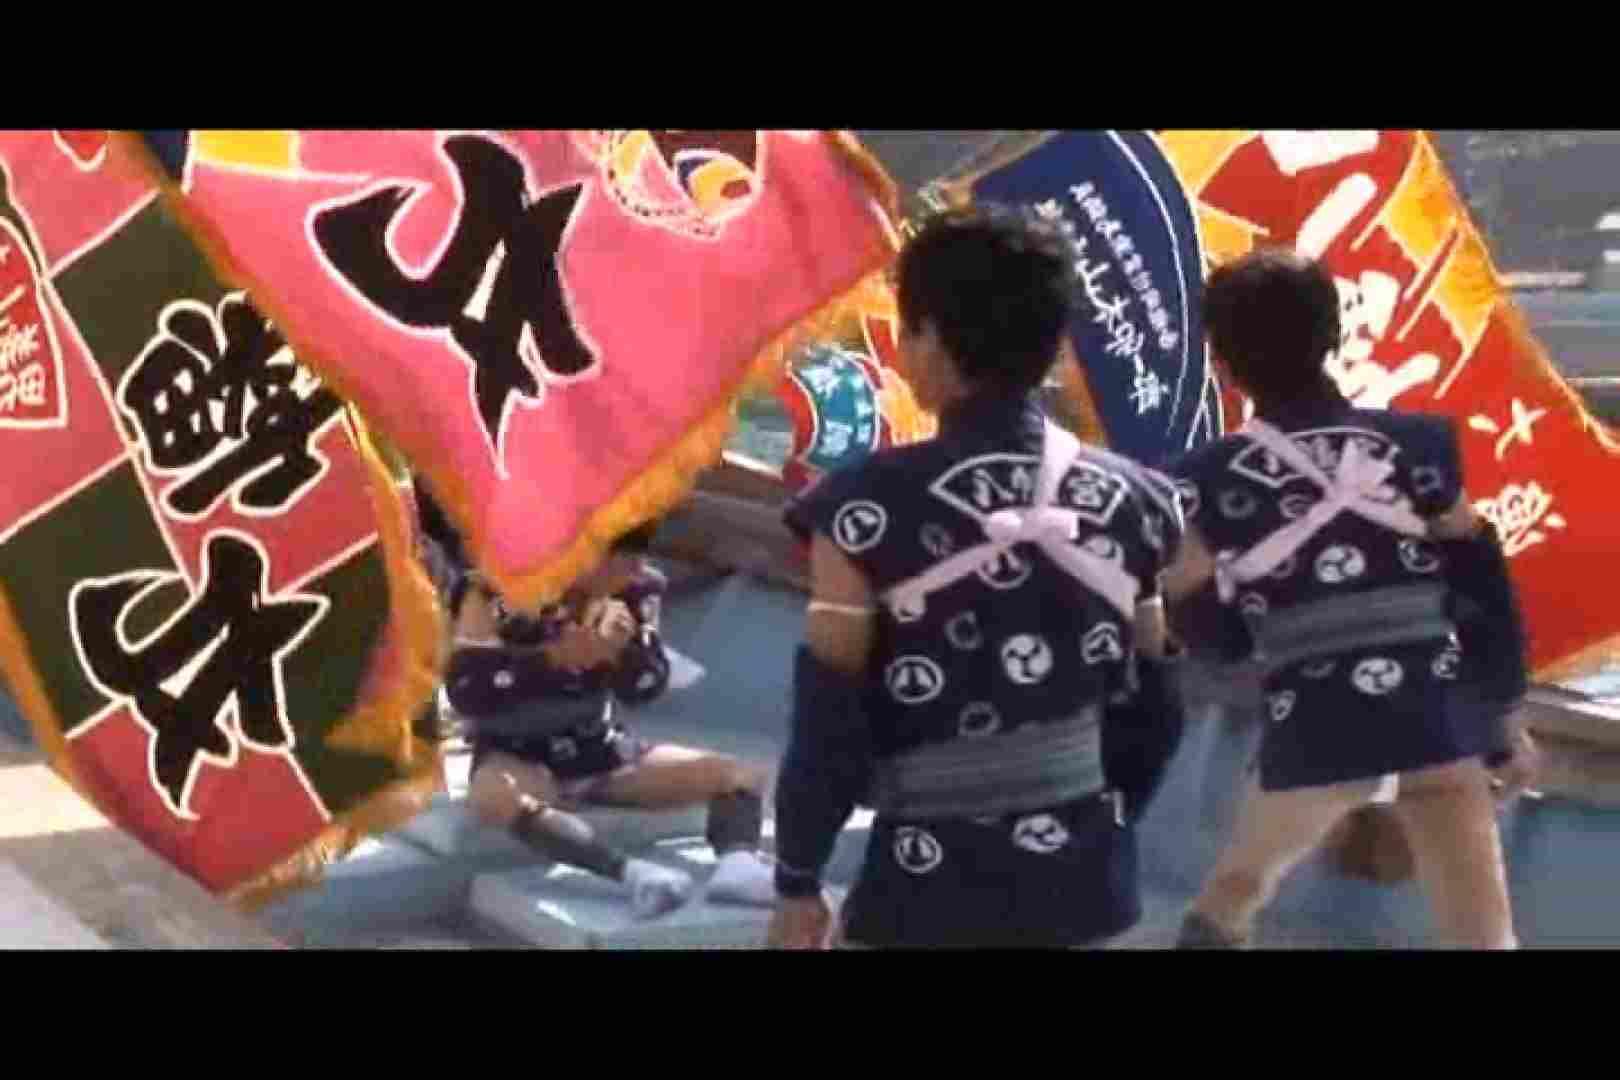 ゲイザーメン動画|真鍋島の走り神輿 高画質バージョンVOL.03|完全無修正